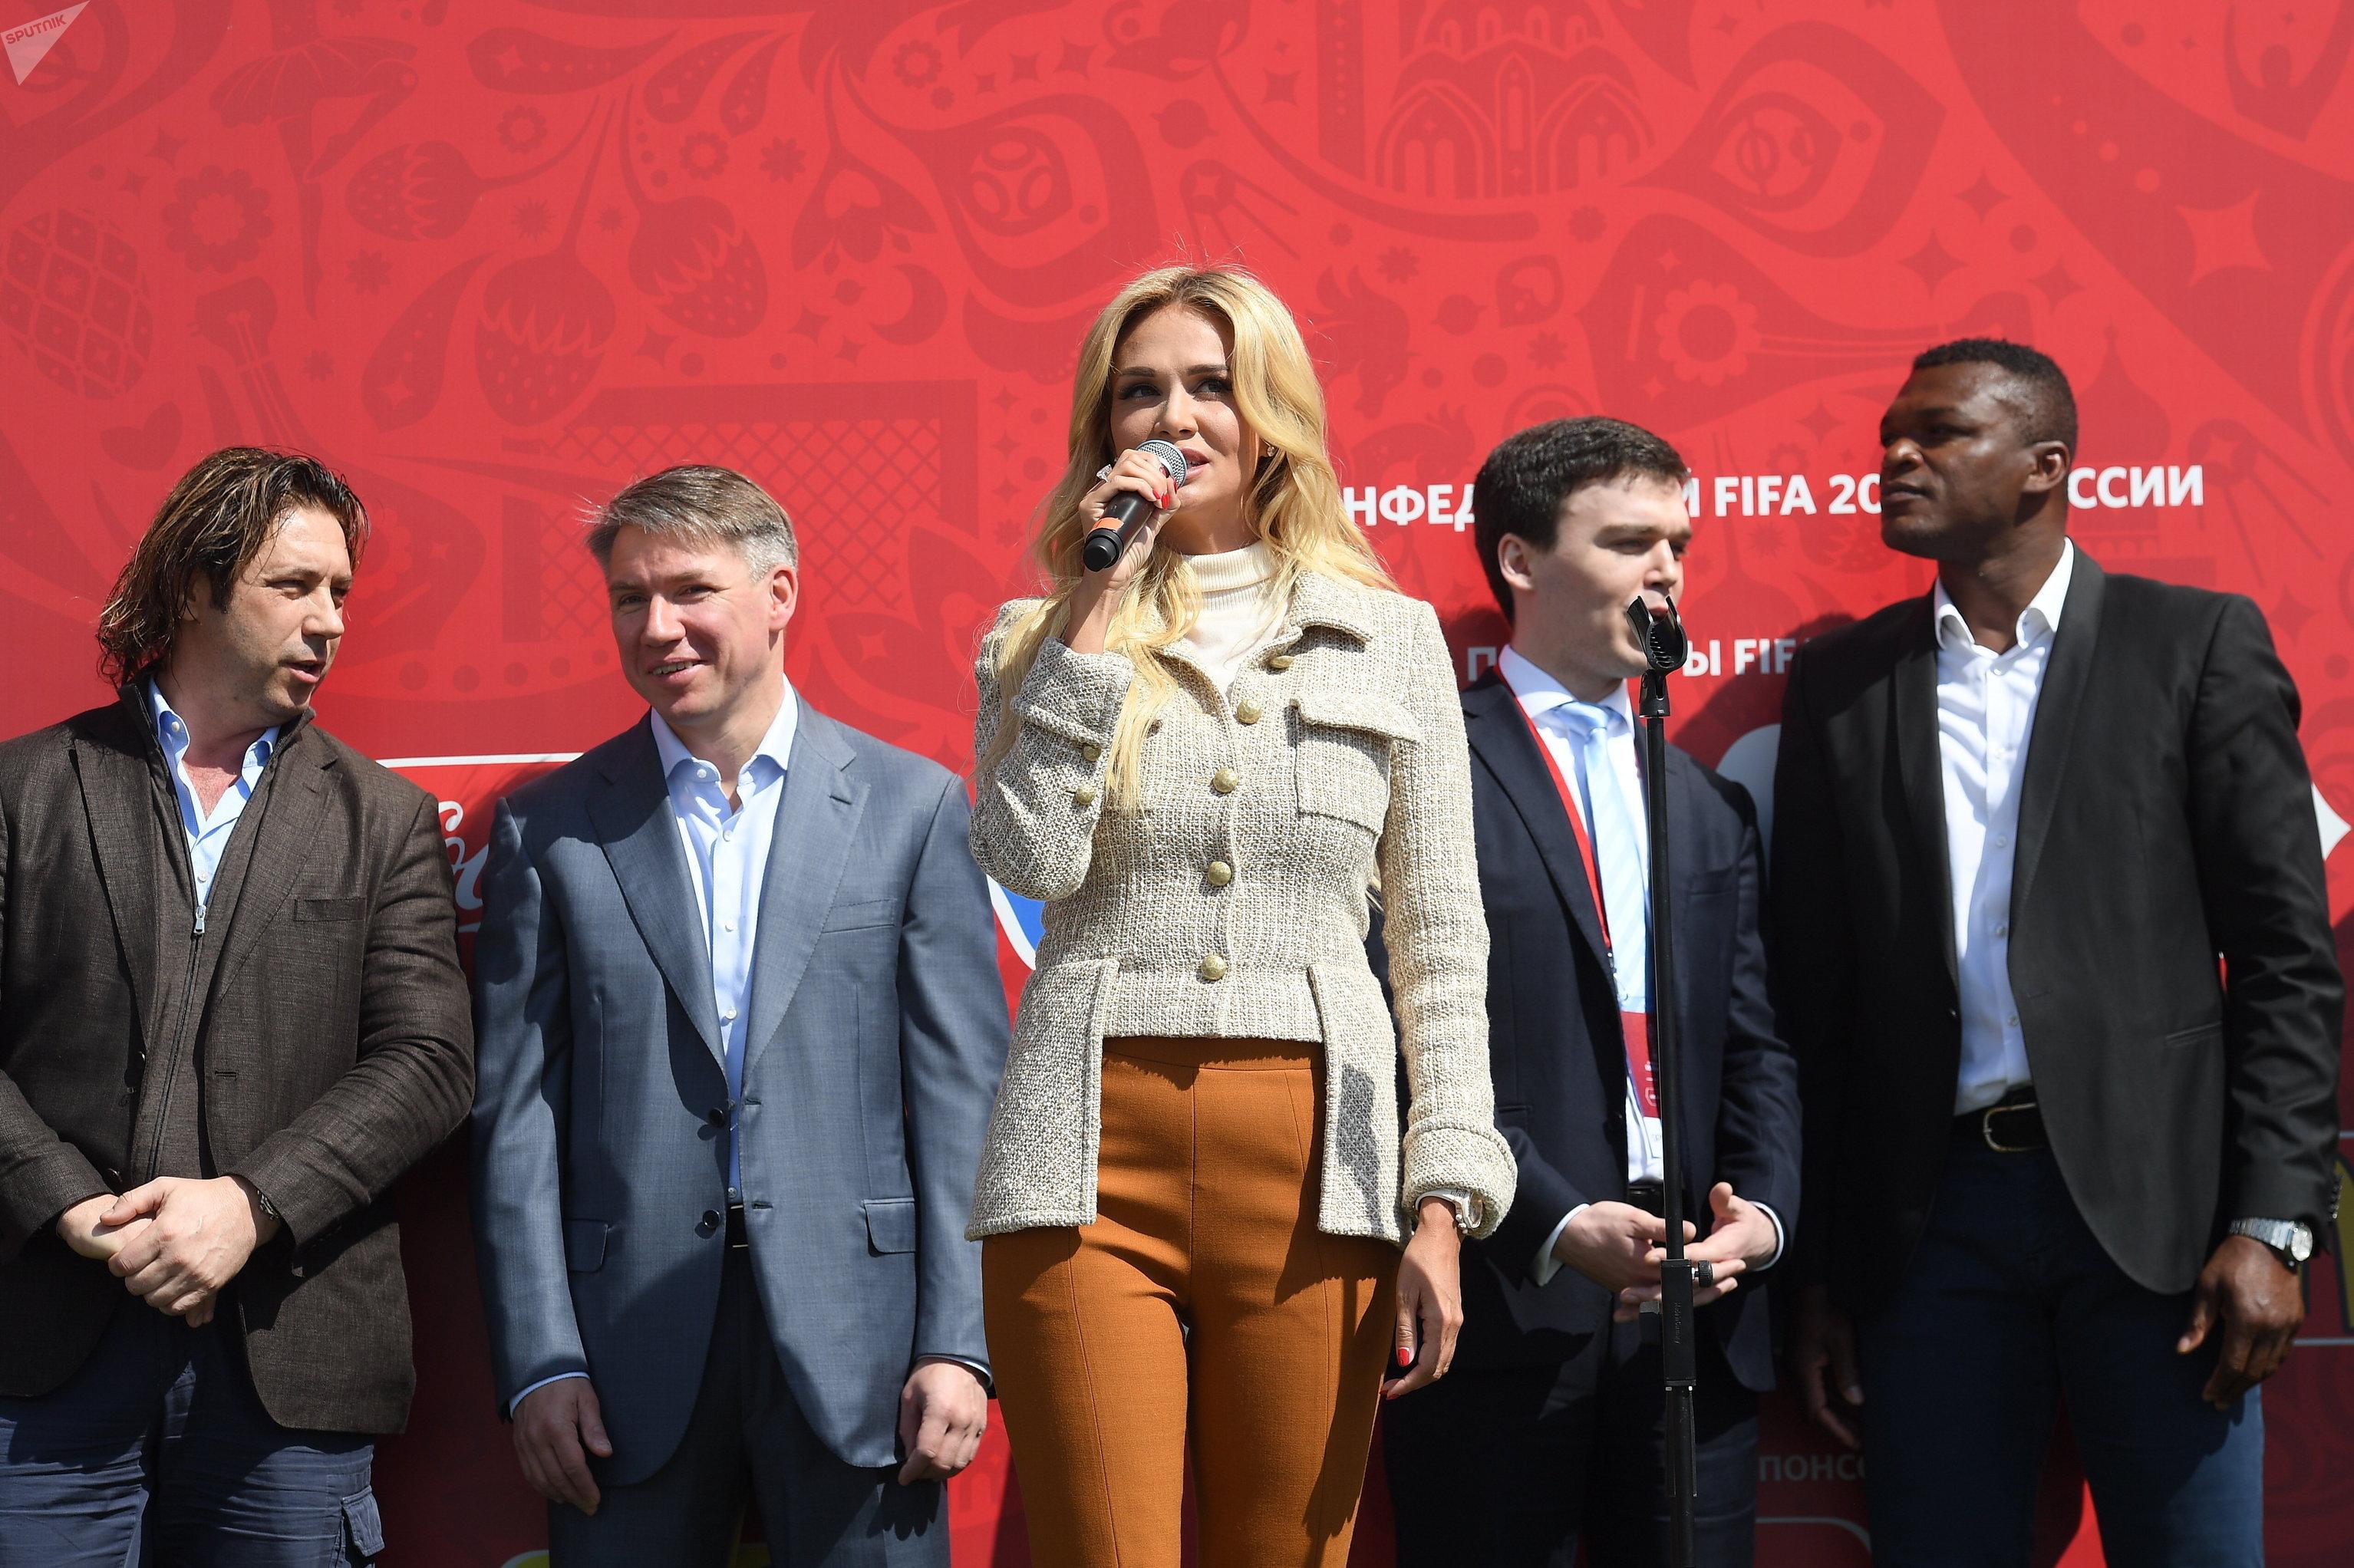 La embajadora en el Mundial de Fútbol 2018 y modelo Viktoria Lopiriova y el exfutbolista Marcel Desailly durante la ceremonia de apertura del parque